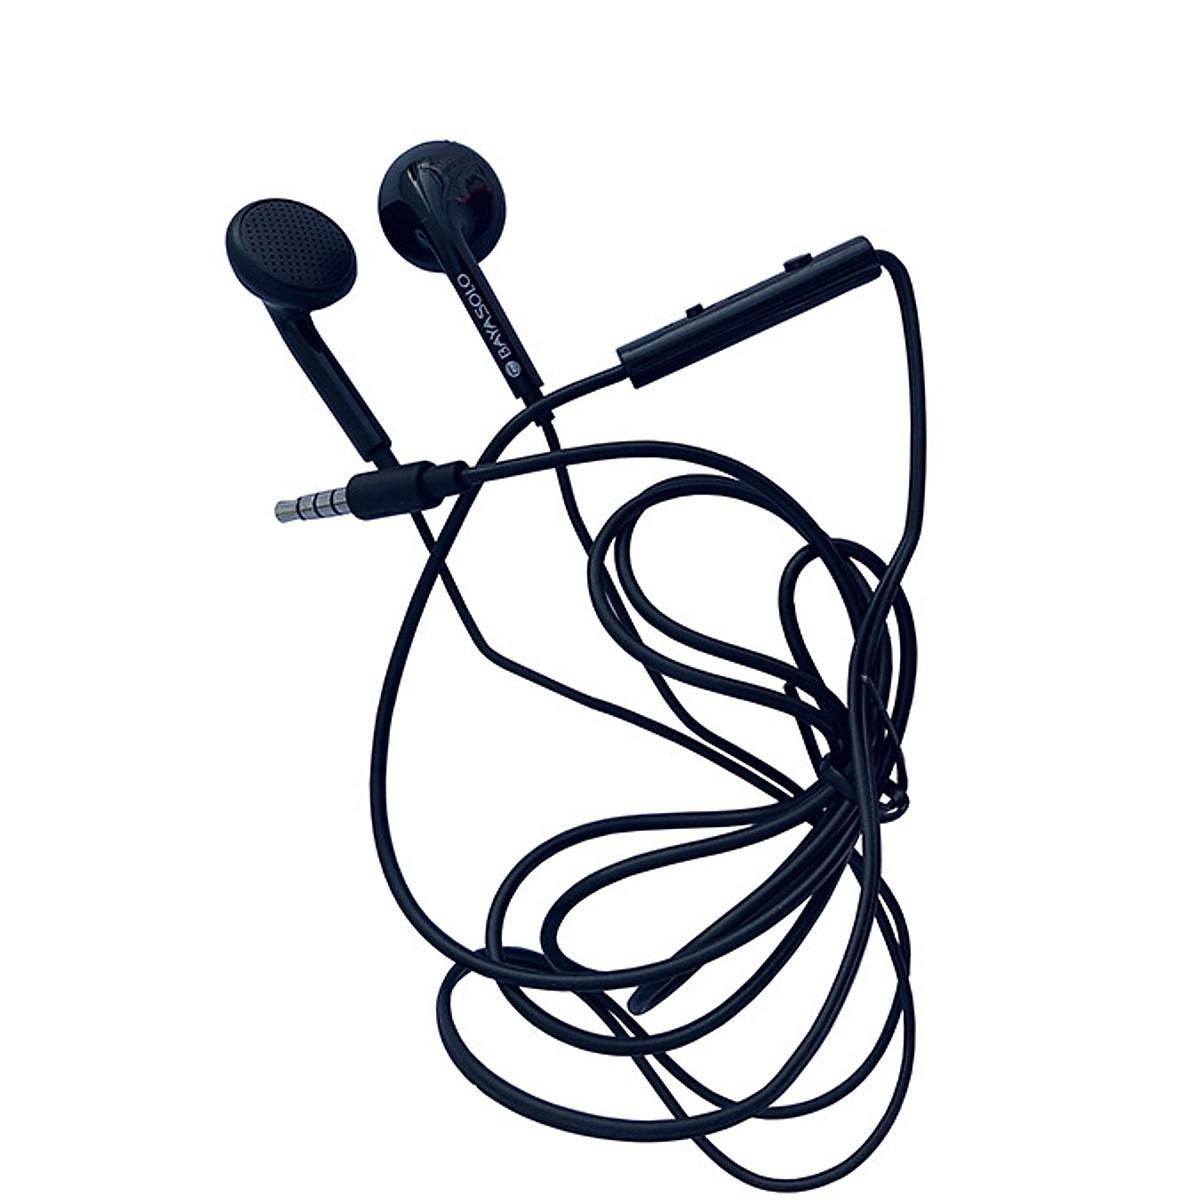 Tai nghe dây dẹt V5 âm thanh trung thực trẻ trung, thể thao ( Đen)  - Hàng chính hãng